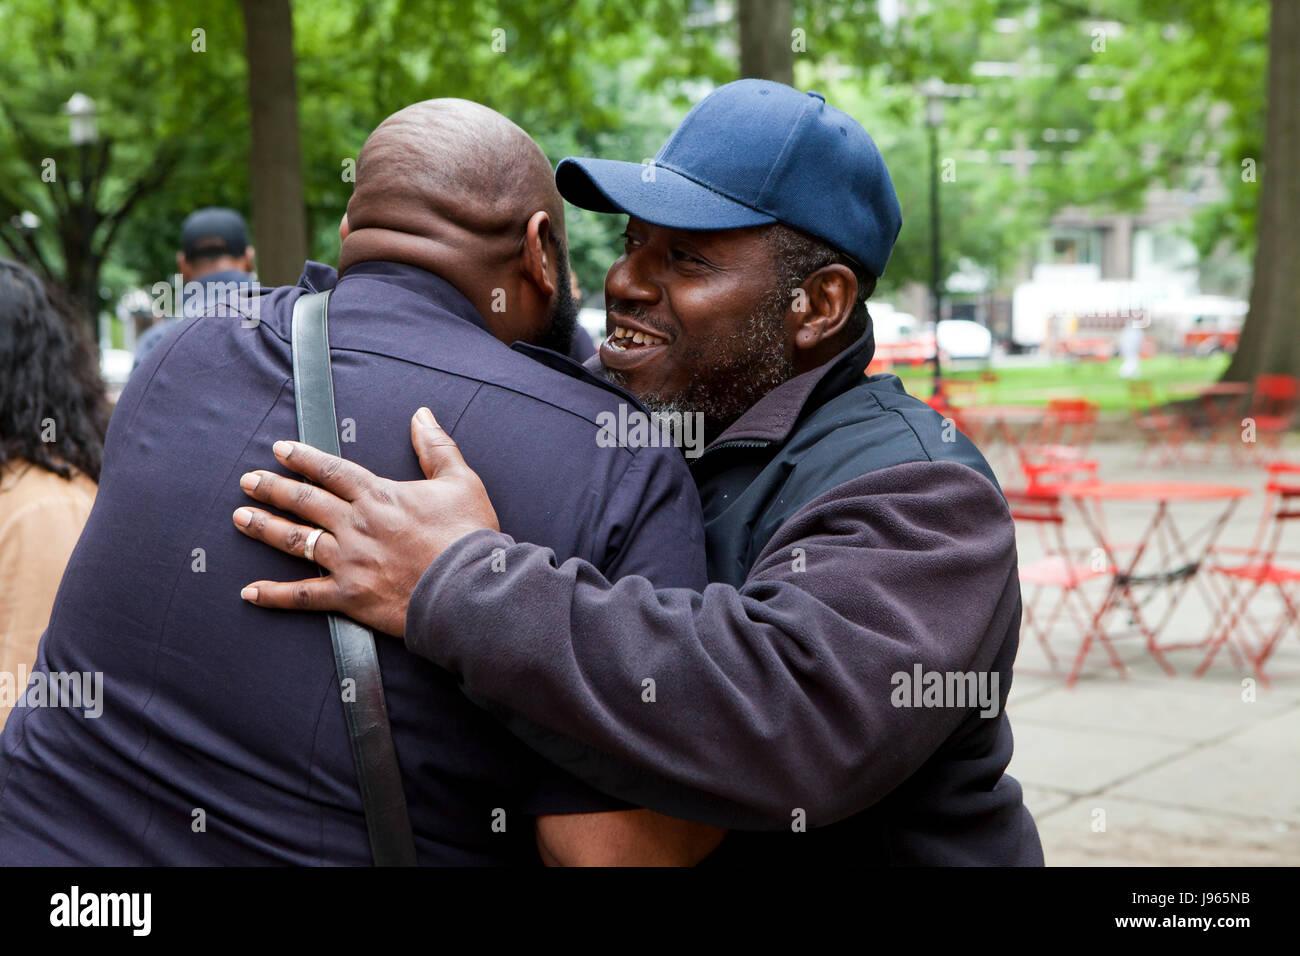 """Afro-americano di uomini dando a ogni altro un 'mun abbraccio"""" - USA Immagini Stock"""